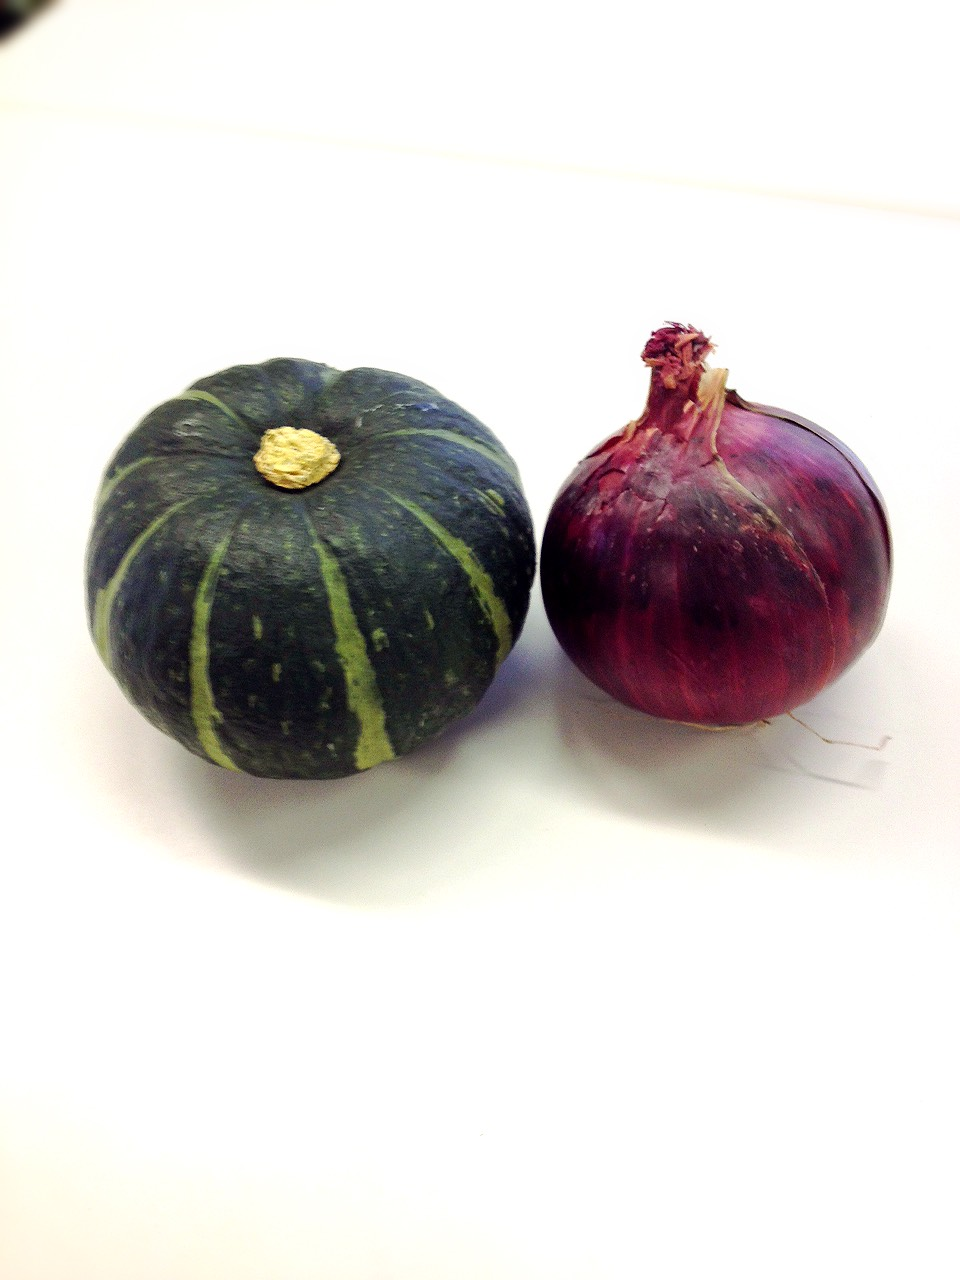 モチーフは坊ちゃん南瓜と、アーリーレッド。紫色の光沢が綺麗な玉ねぎみたいなやつですね。